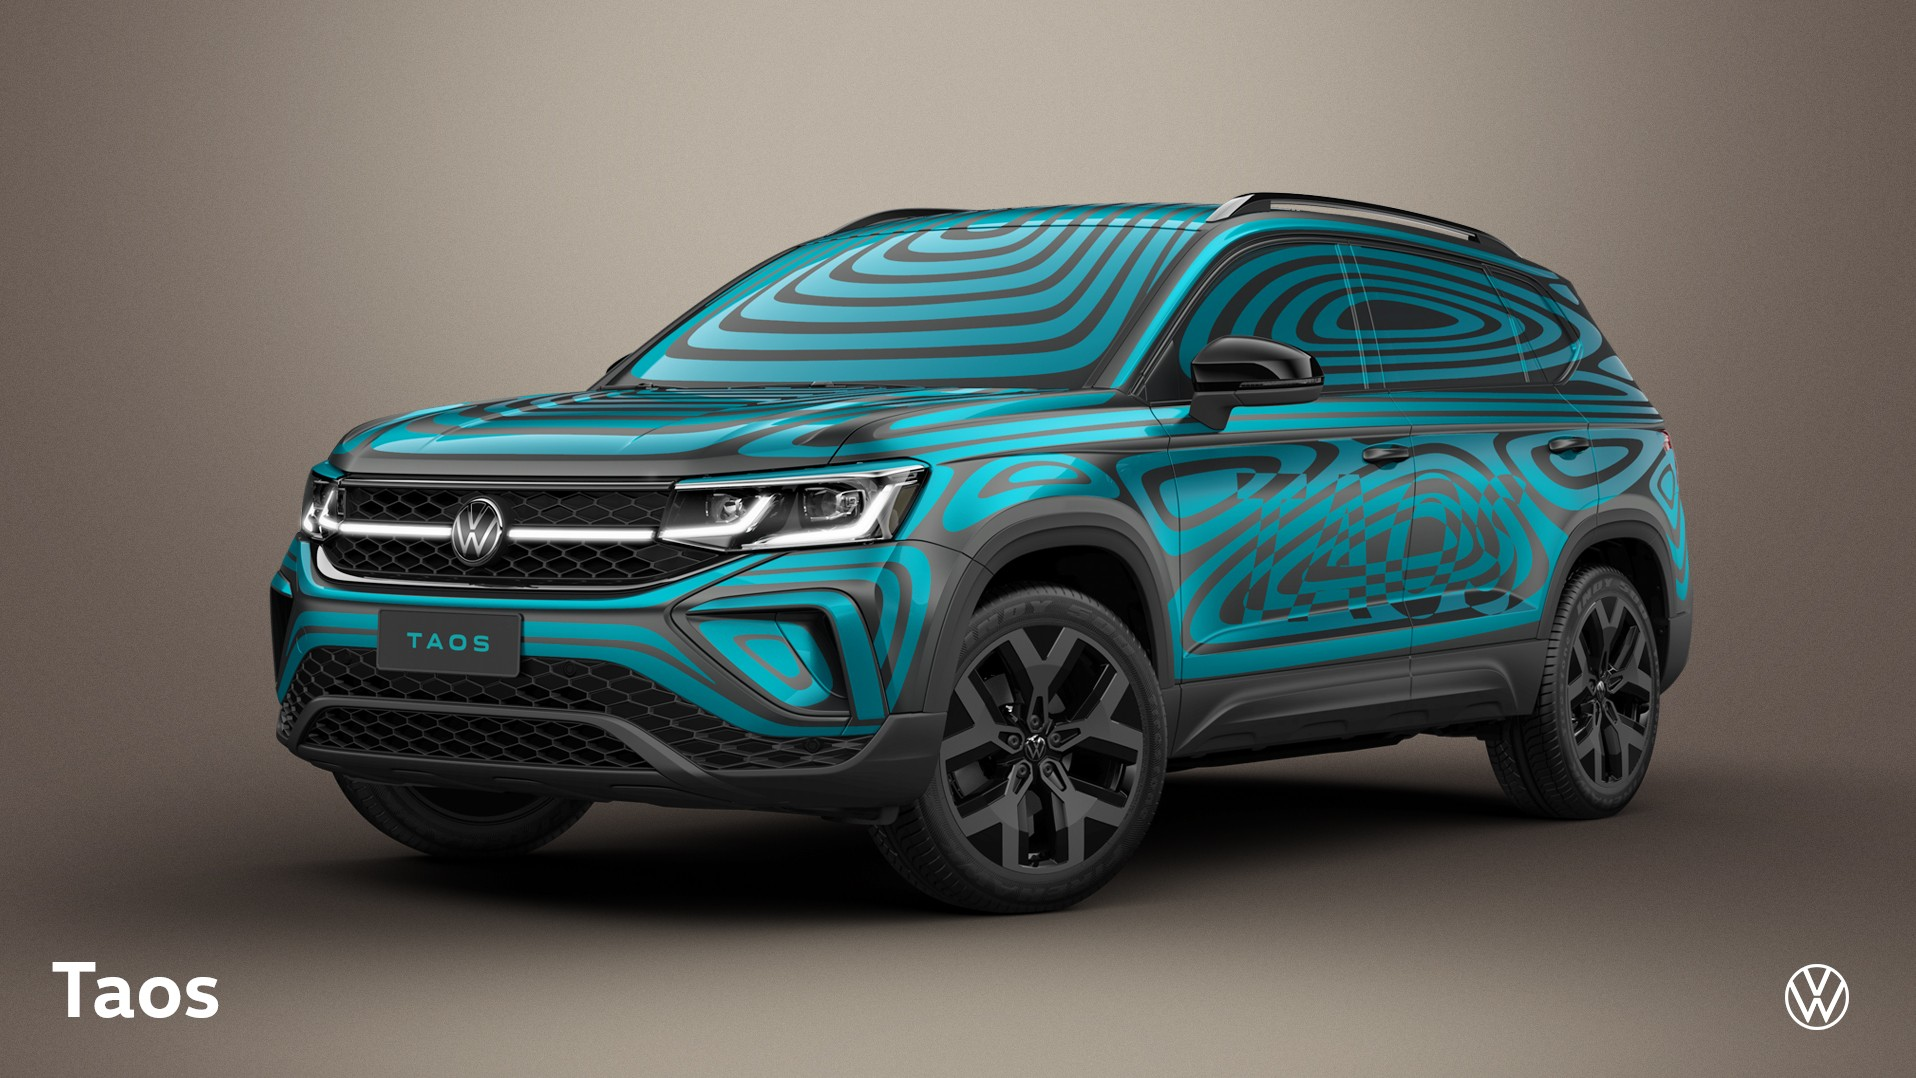 Volkswagen revela primeiras imagens do novo Taos